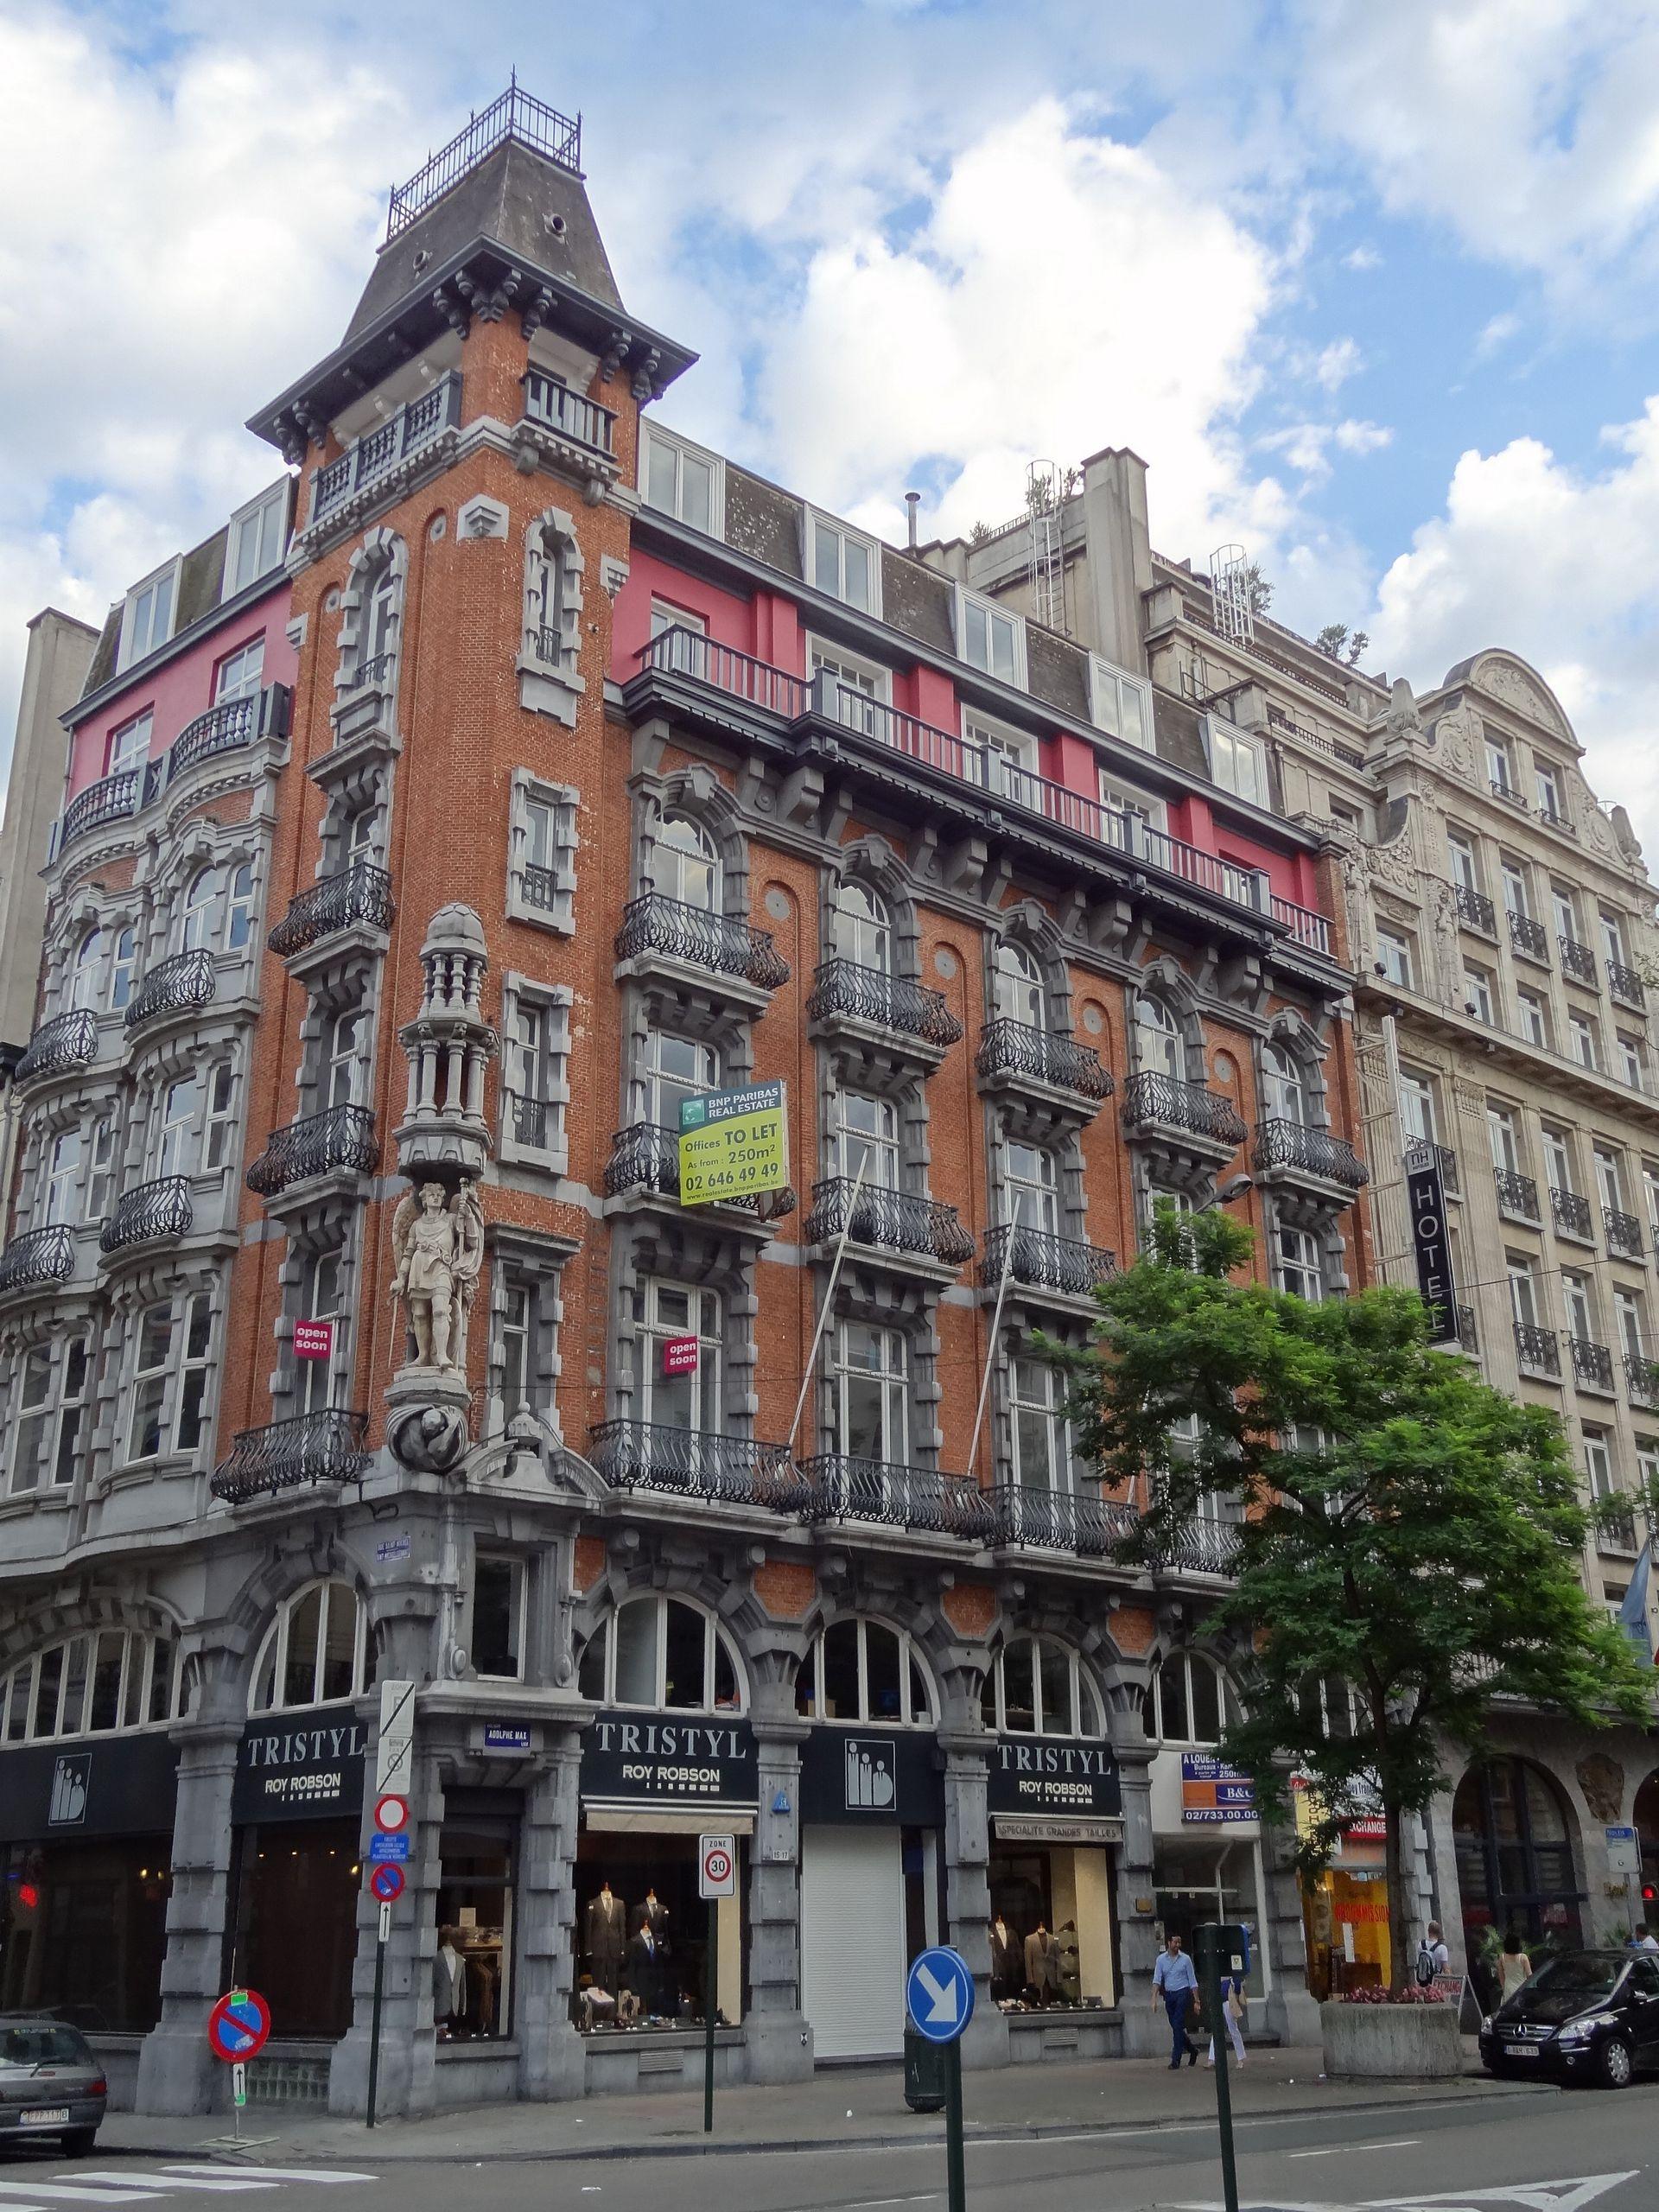 Maison thonet bruxelles wikip dia for Maison minimaliste belgique